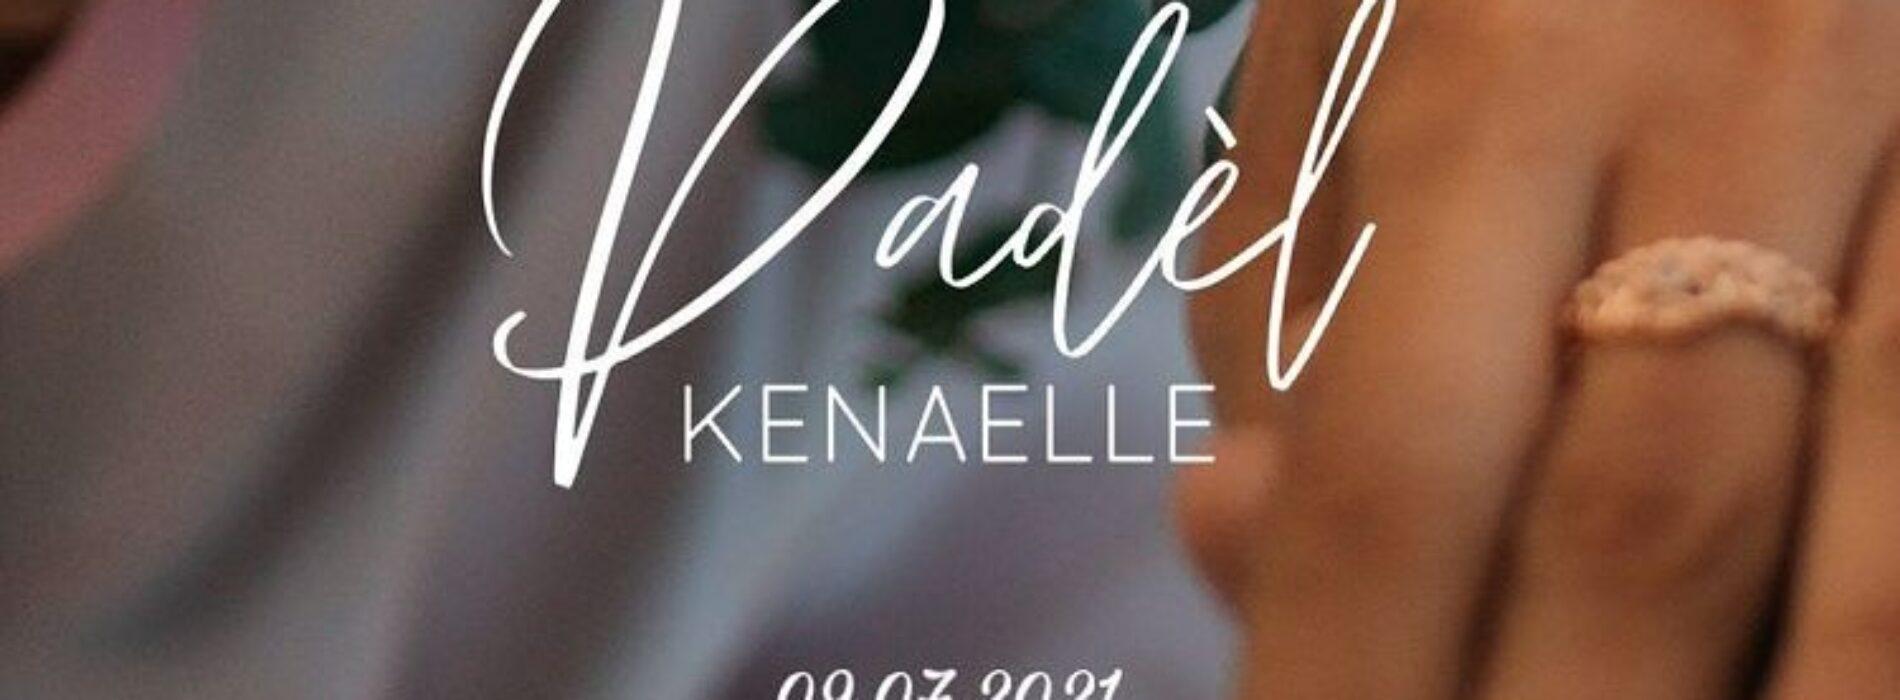 Kénaelle – Padèl (Clip officiel) – Juillet 2021 ✨🙏💓